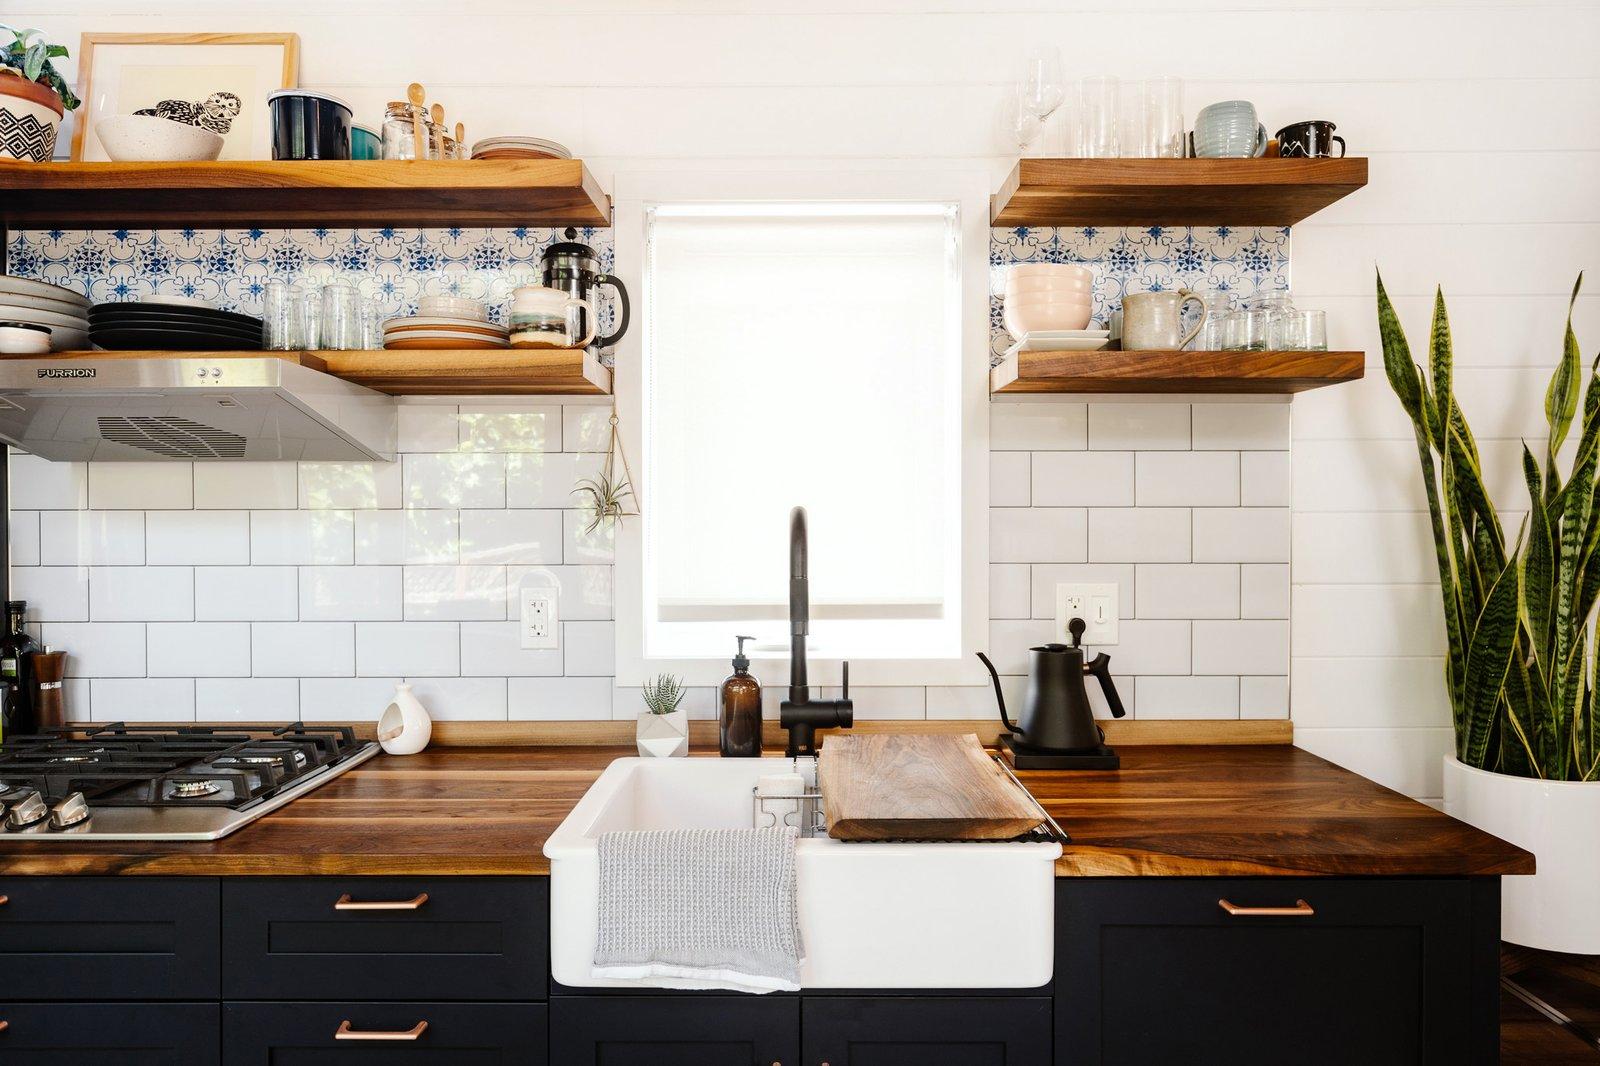 Tuttle Shuttle by Ryan Tuttle kitchen